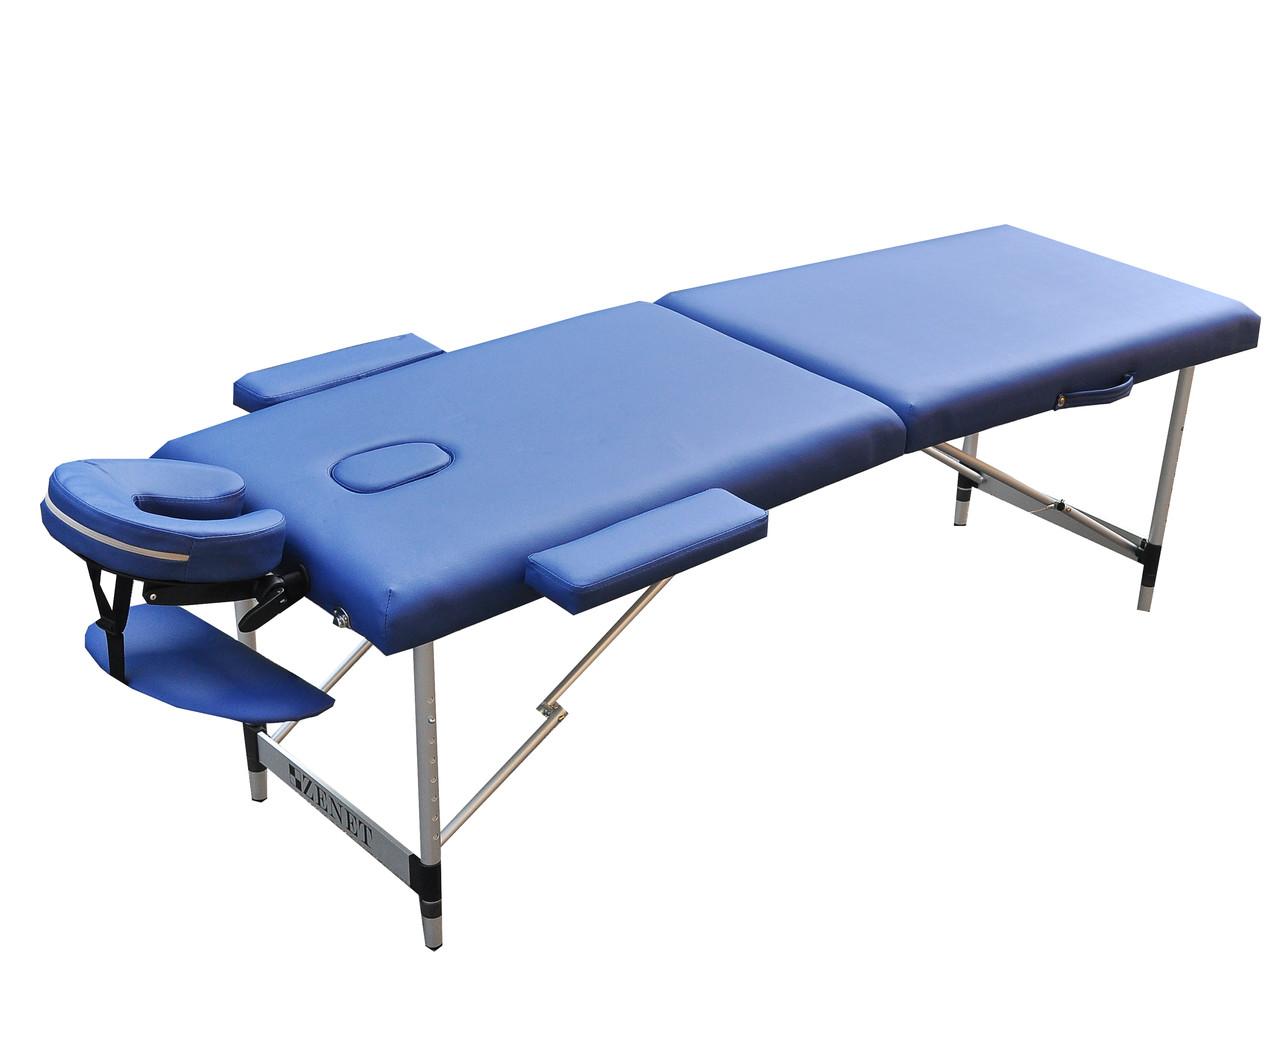 Массажный стол для мануальной терапии. Темно-синий, размер М ( 185*70*61). ZENET ZET-1044